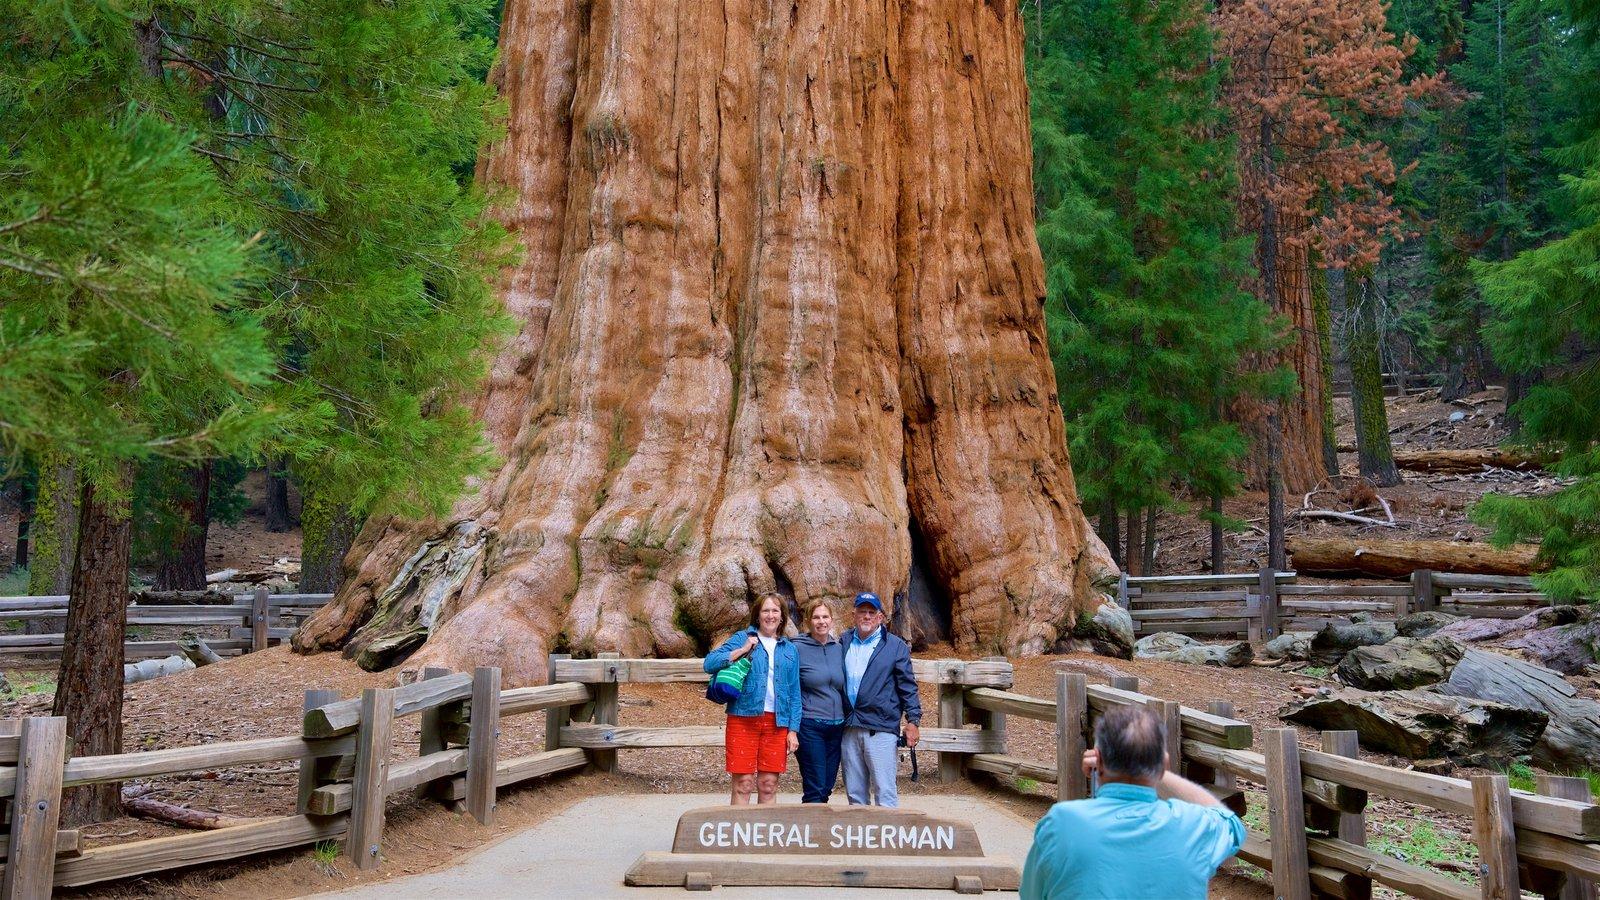 Sequoia National Park mostrando cenas de floresta assim como um pequeno grupo de pessoas